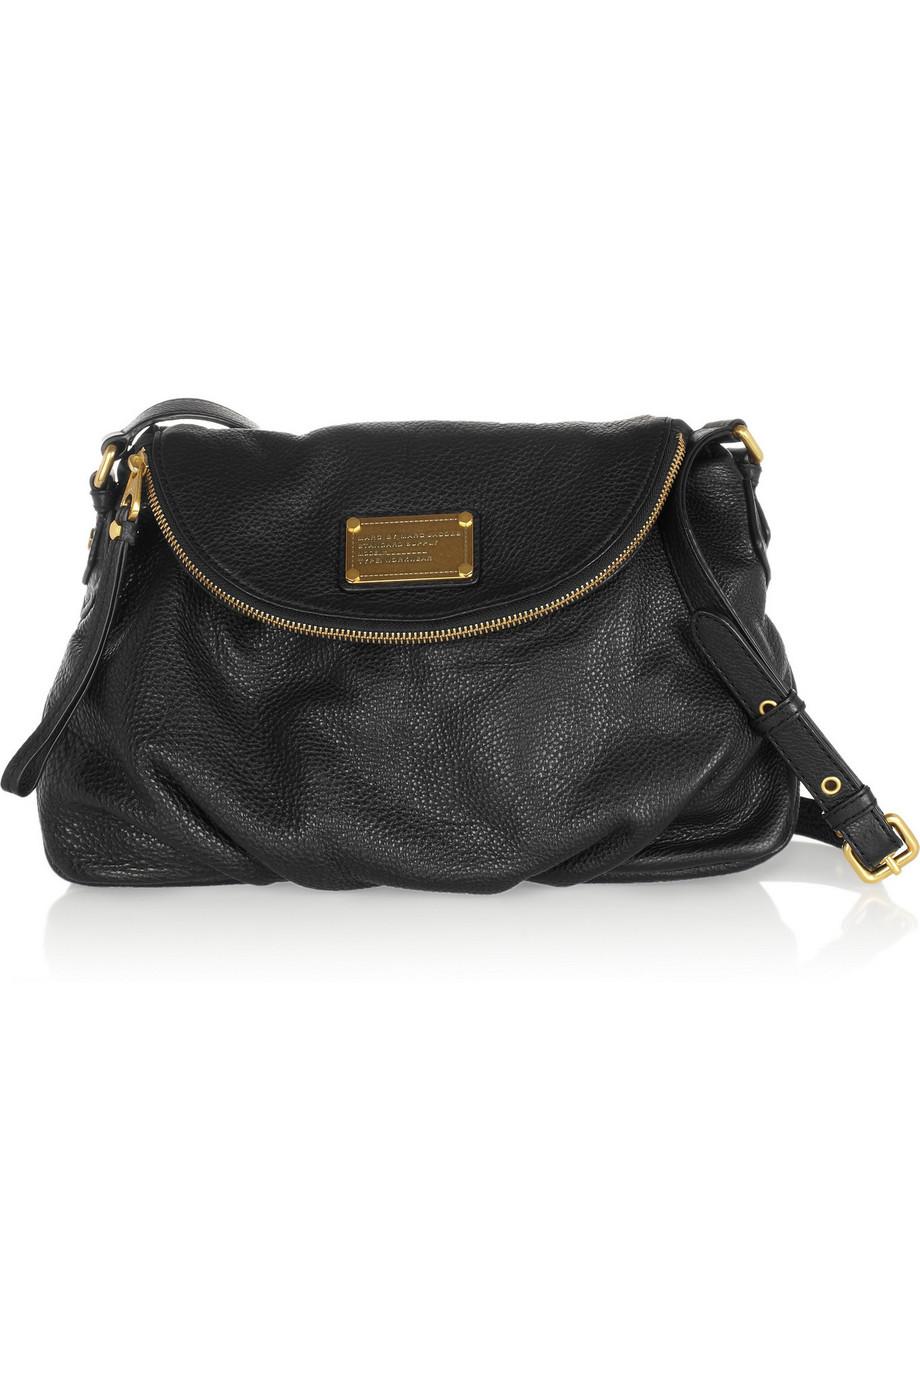 Sasha Leather Shoulder Bag Marc Jacobs 98